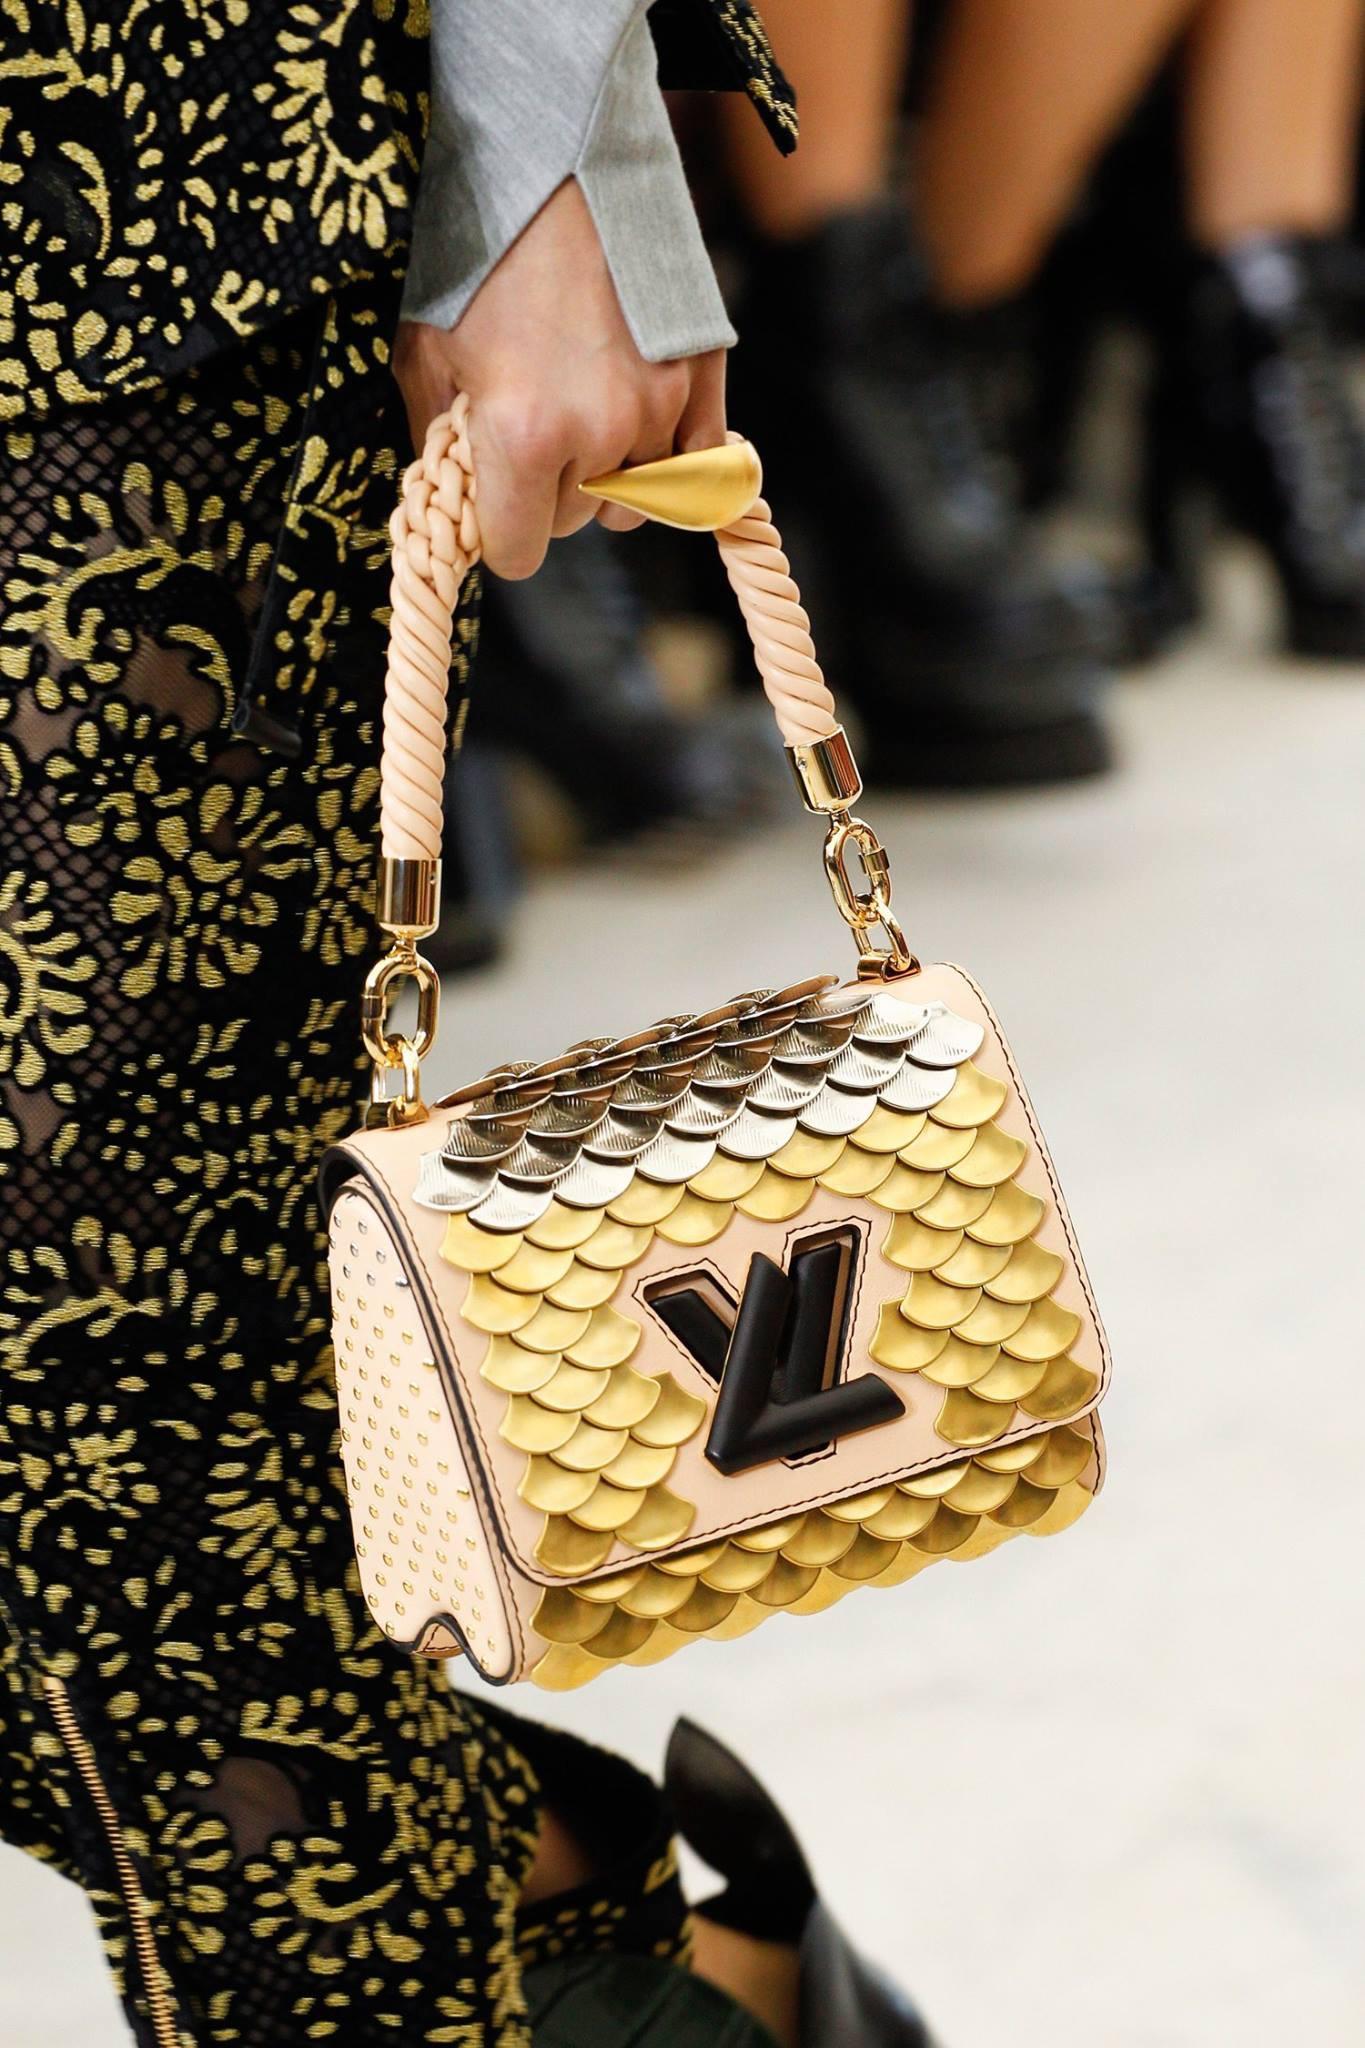 مجموعه حقائب لويس فيتون الجديده لا يمكن ان تكون اكثر ابتكارا